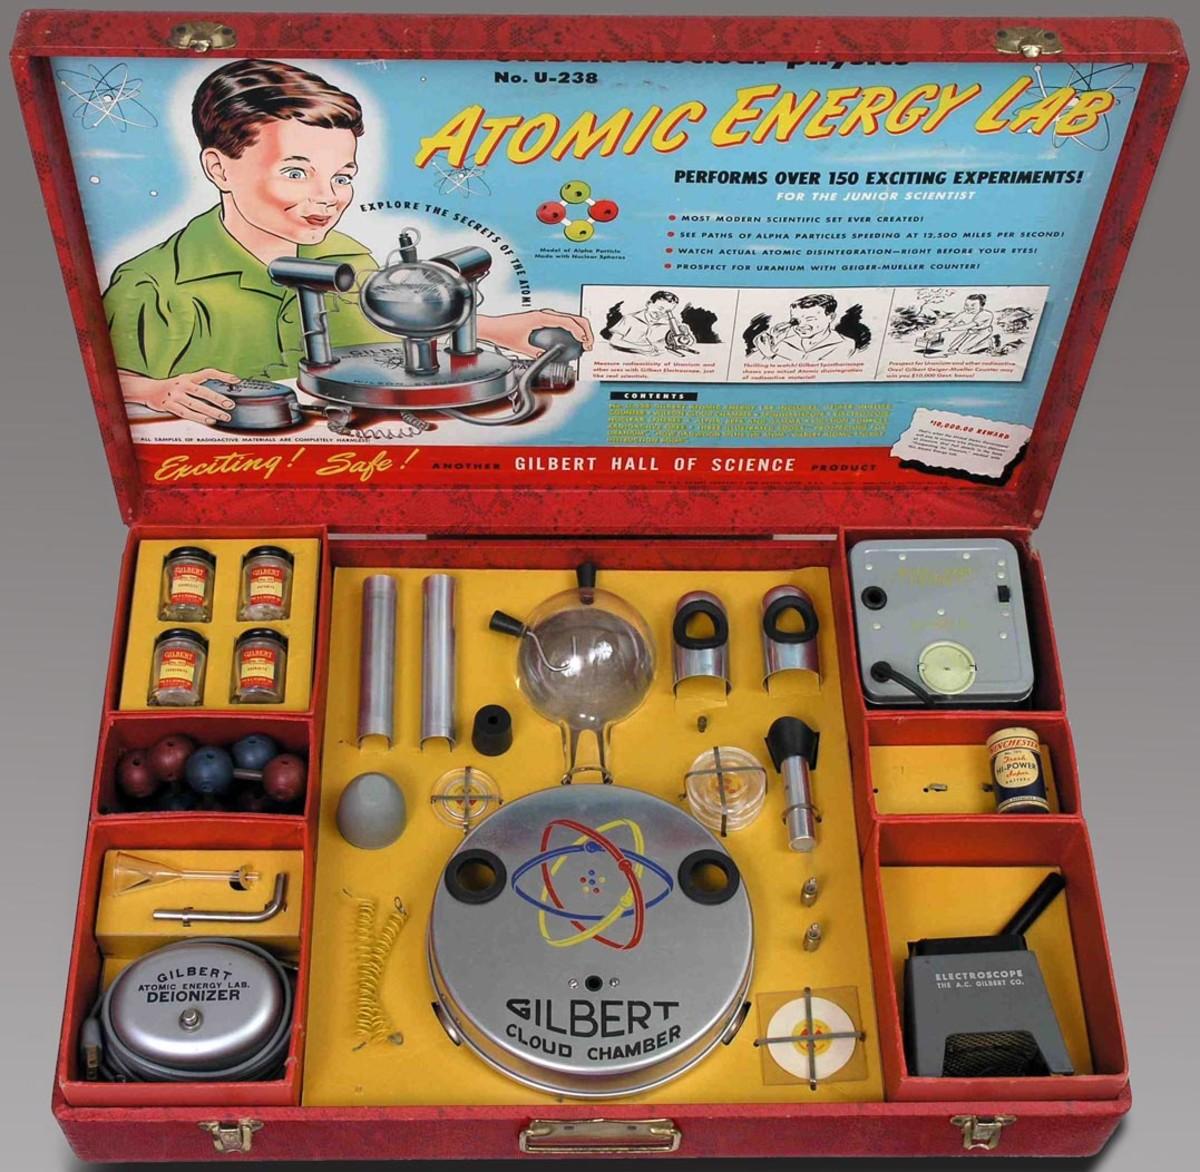 U-238 Atomic Energy Lab